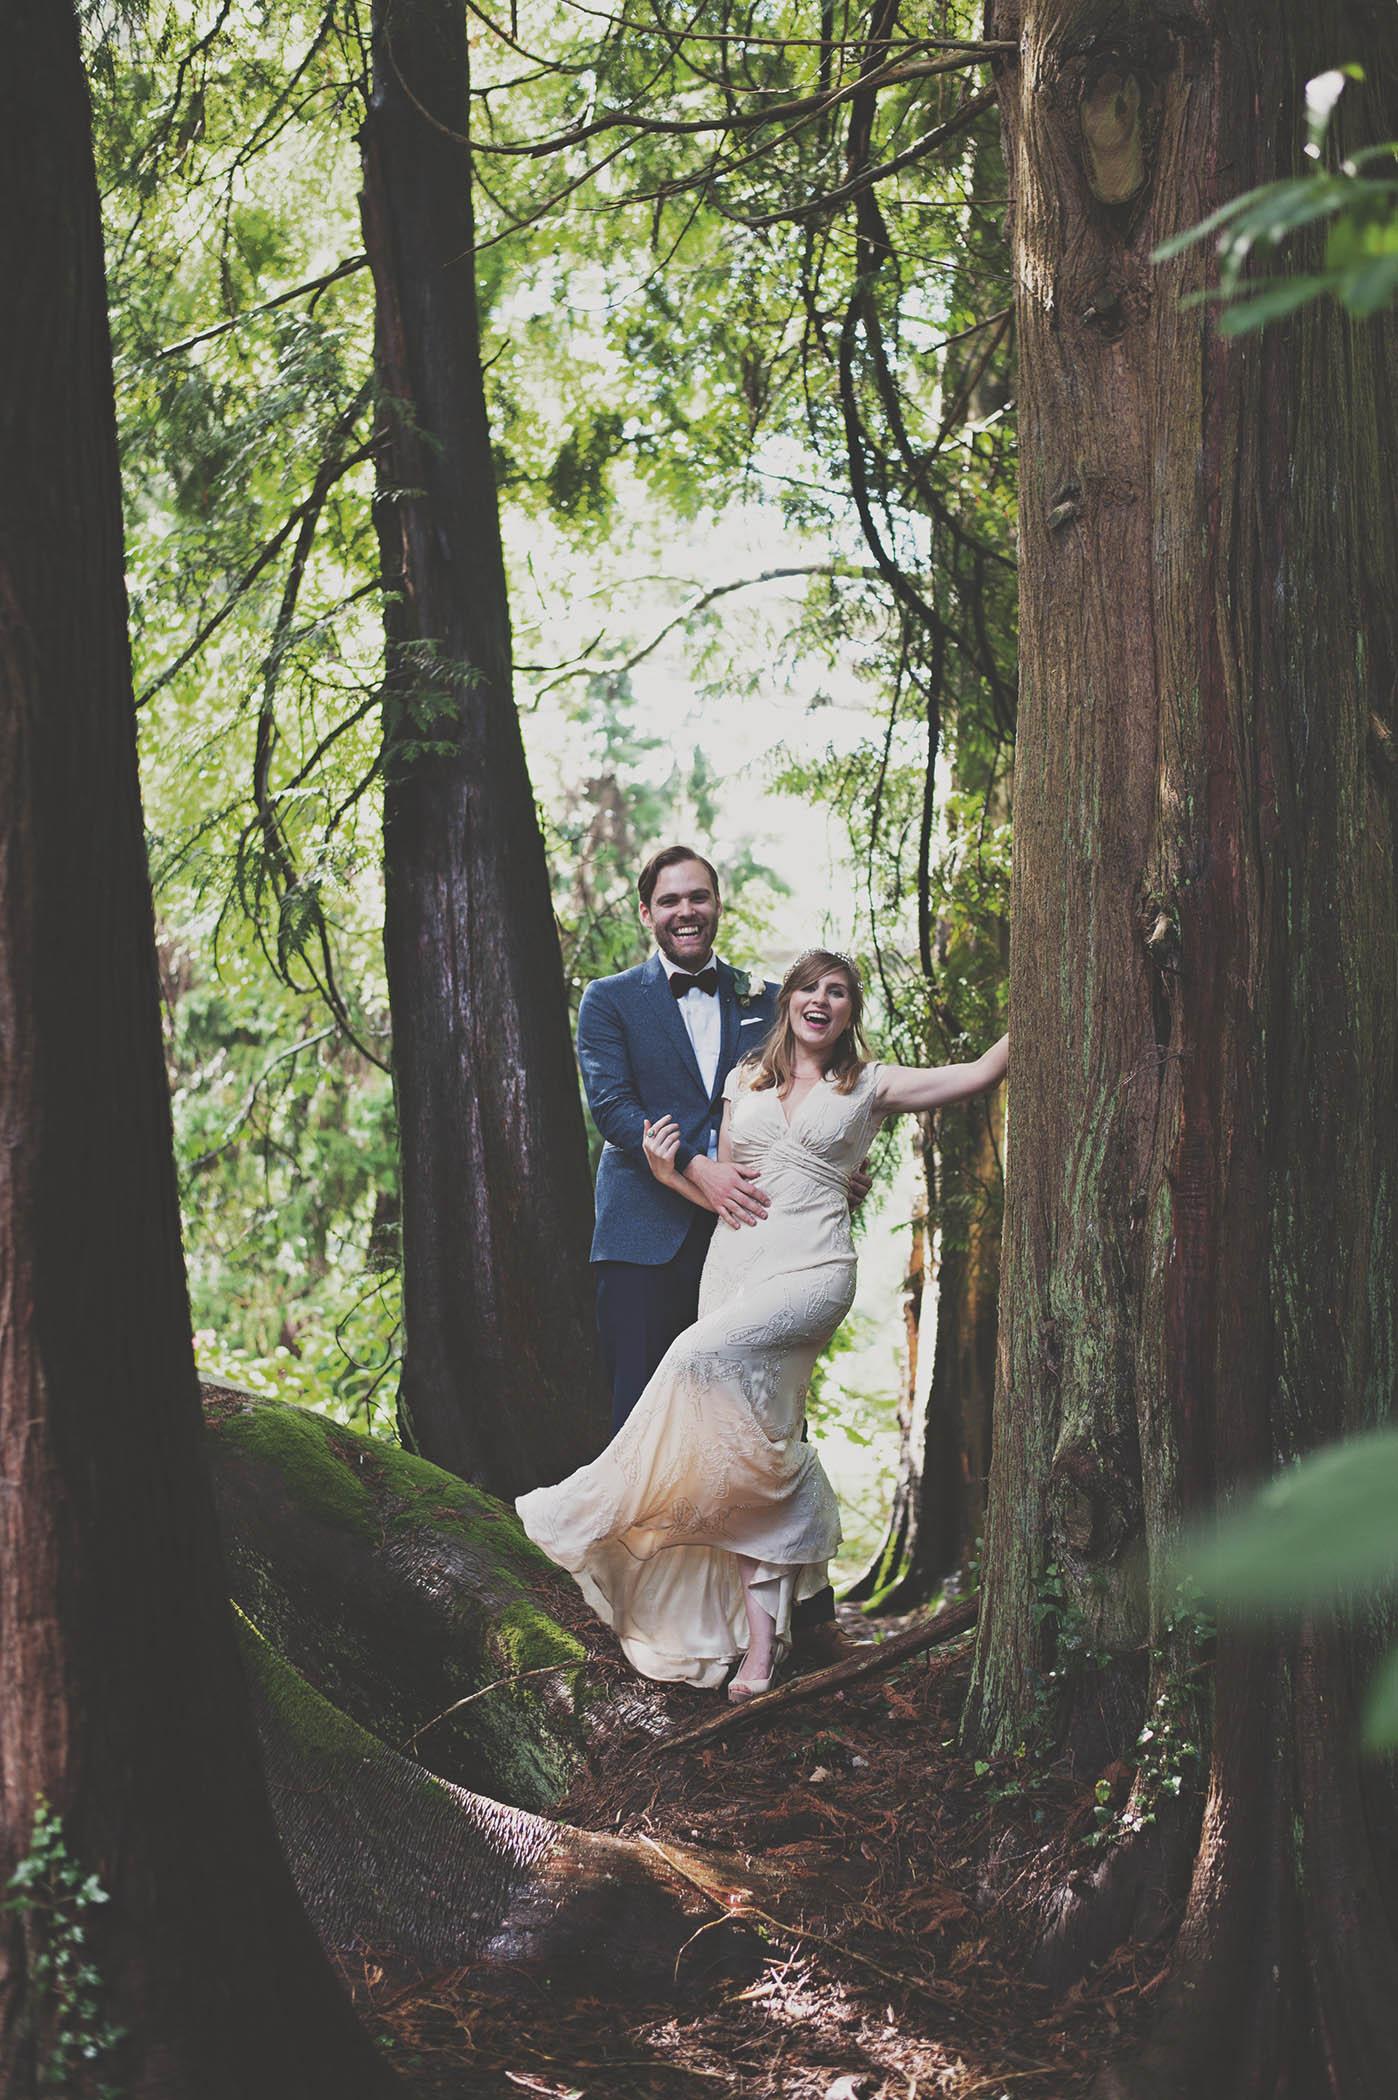 Trudder Lodge Outdoor wedding